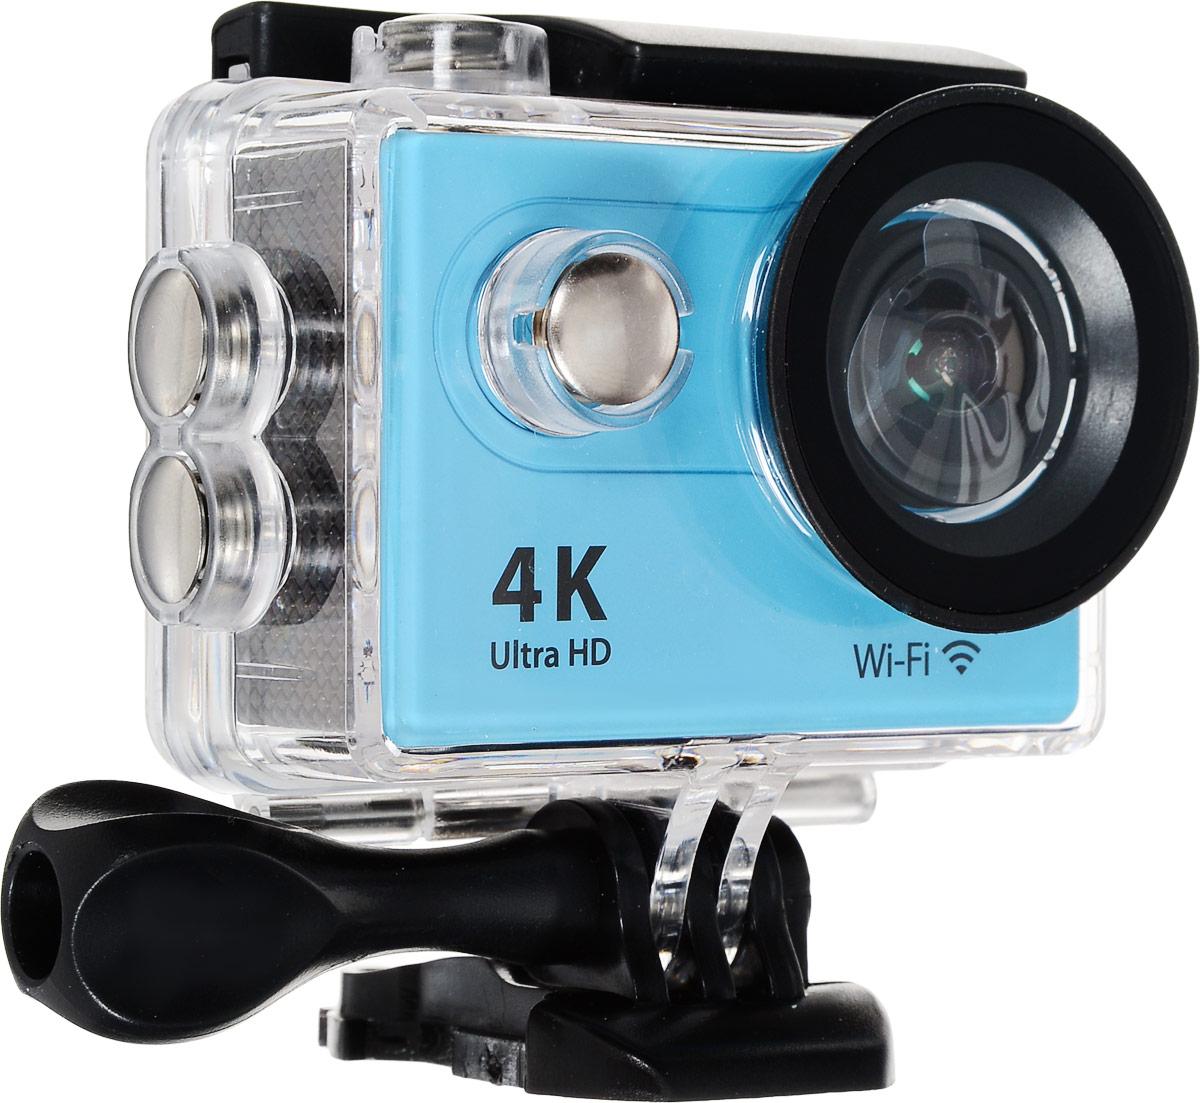 Eken H9 Ultra HD, Blue экшн-камераH9Экшн-камера Eken H9 Ultra HD позволяет записывать видео с разрешением 4К и очень плавным изображением до 30 кадров в секунду. Камера оснащена 2 TFT LCD экраном. Эта модель сделана для любителей спорта на улице, подводного плавания, скейтбординга, скай-дайвинга, скалолазания, бега или охоты. Снимайте с руки, на велосипеде, в машине и где угодно. По сравнению с предыдущими версиями, в Eken H9 Ultra HD вы найдете уменьшенные размеры корпуса, увеличенный до 2-х дюймов экран, невероятную оптику и фантастическое разрешение изображения при съемке 30 кадров в секунду! Управляйте вашей H9 на своем смартфоне или планшете. Приложение Ez iCam App позволяет работать с браузером и наблюдать все то, что видит ваша камера.